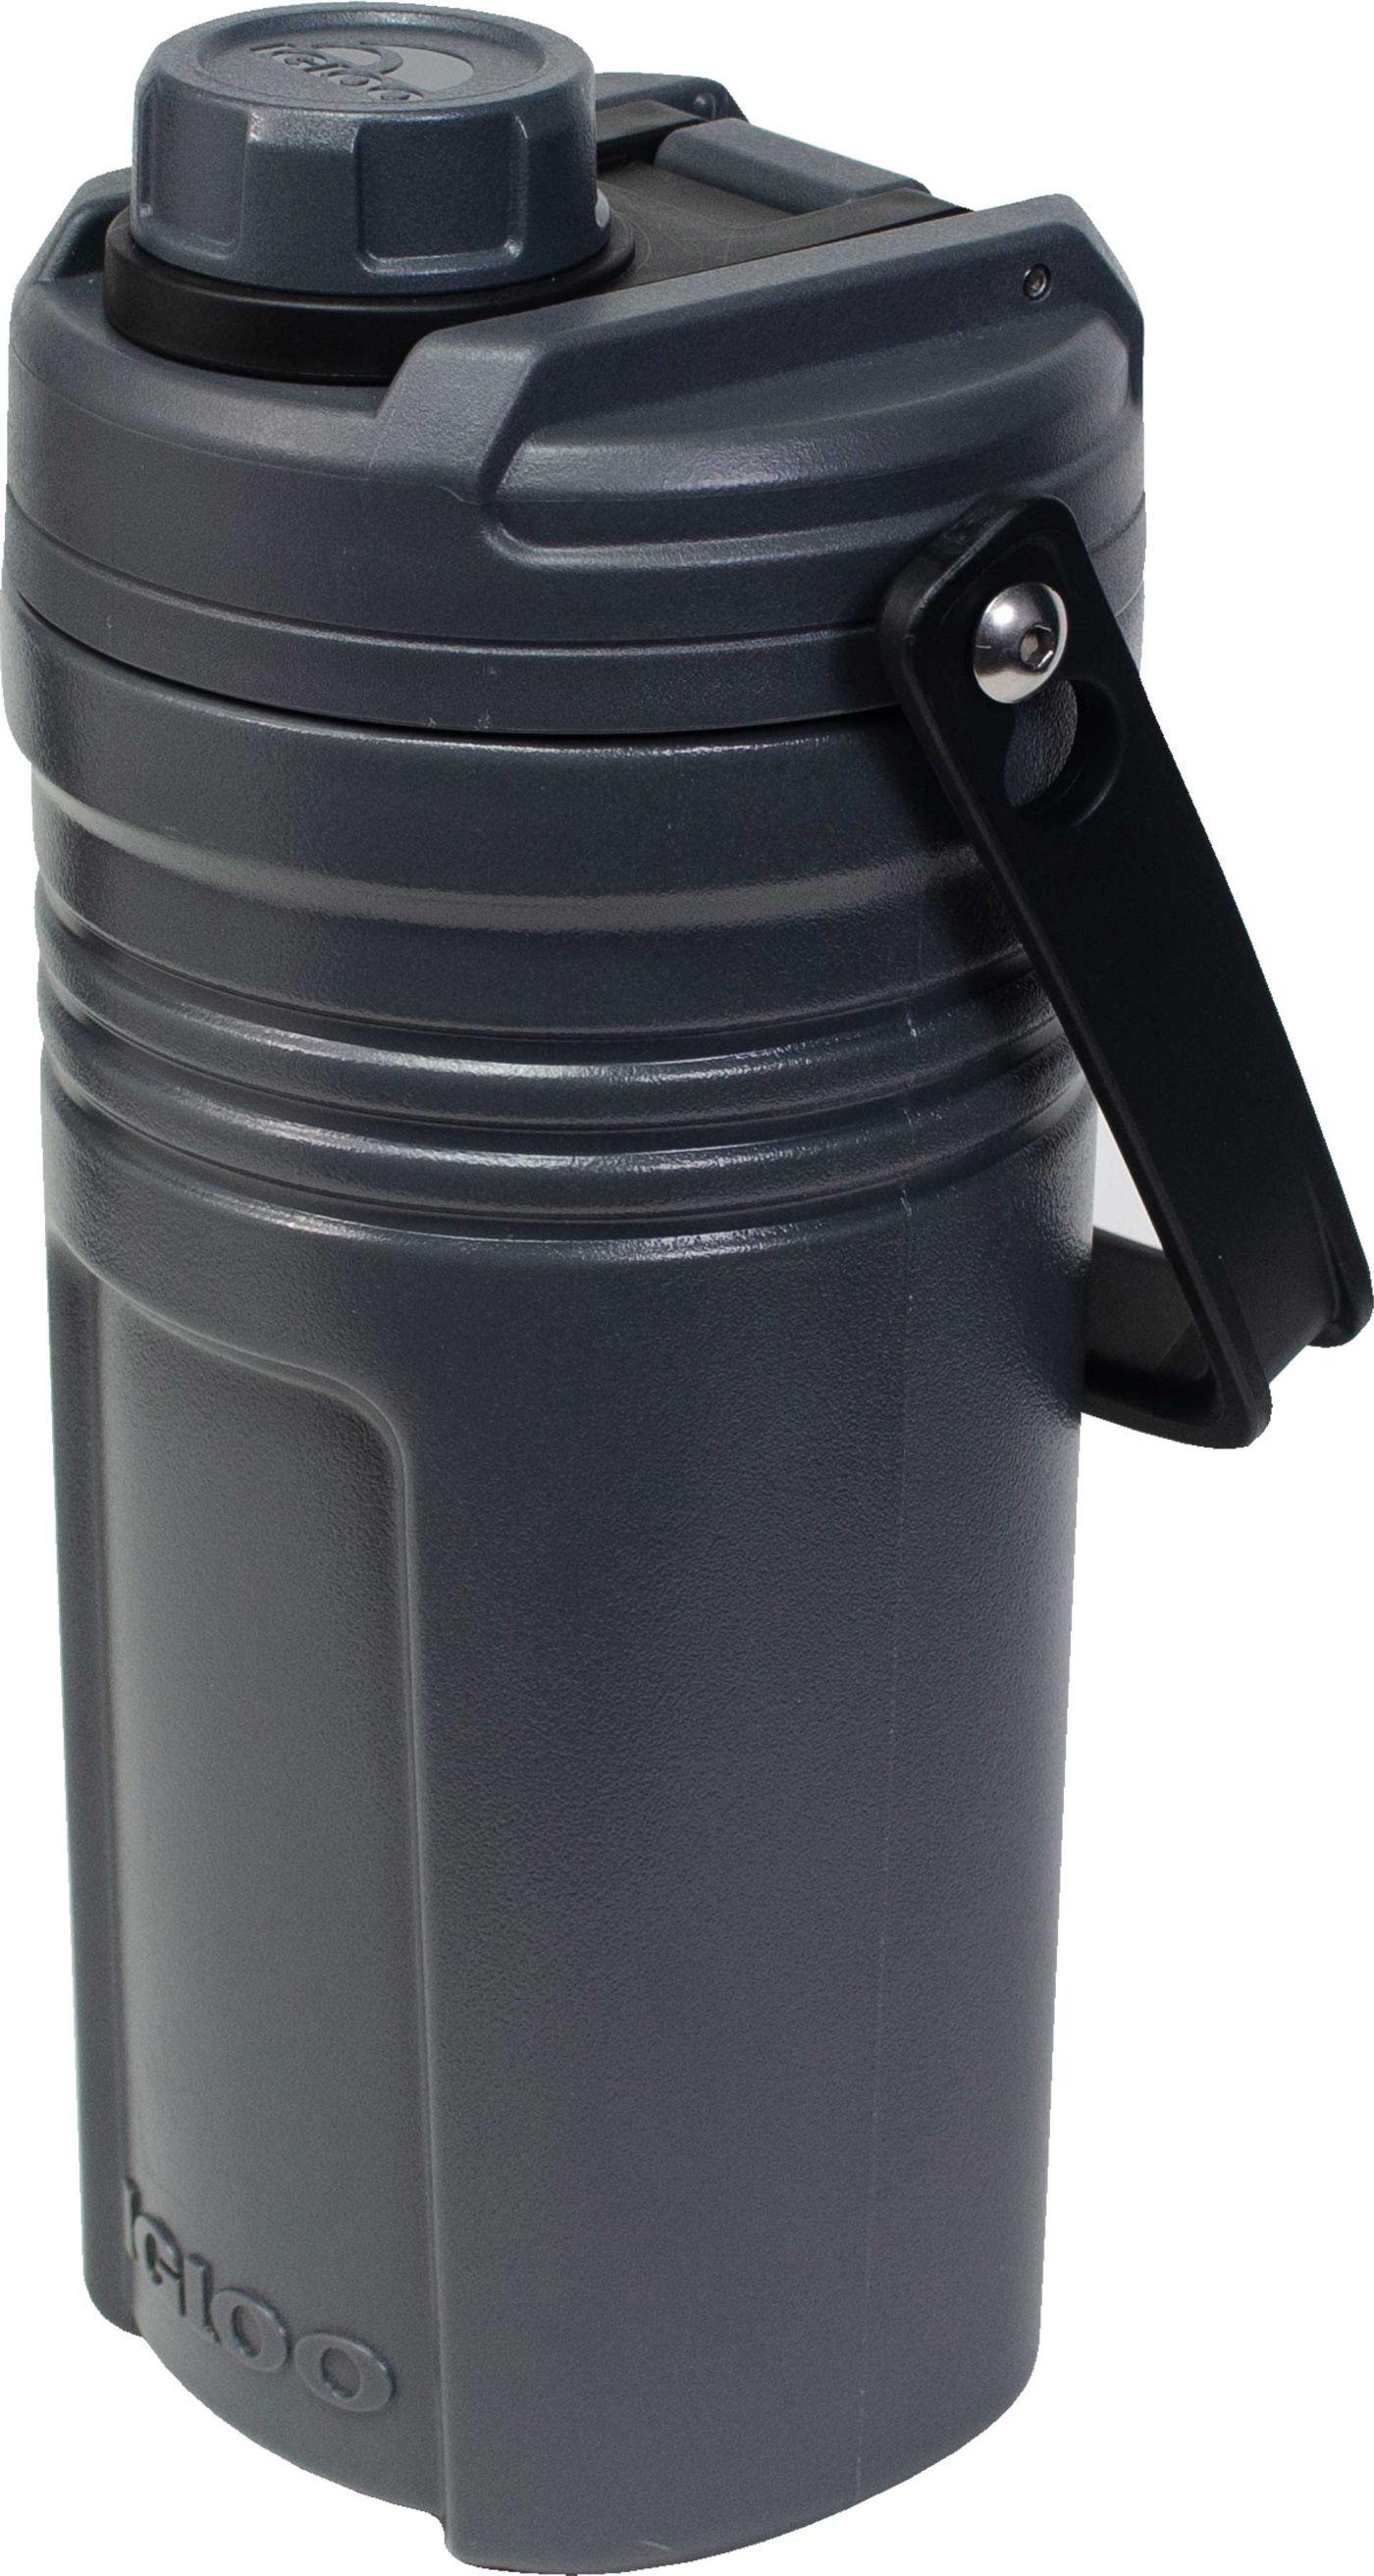 Igloo Titan Roto-Molded 40 oz. Jug